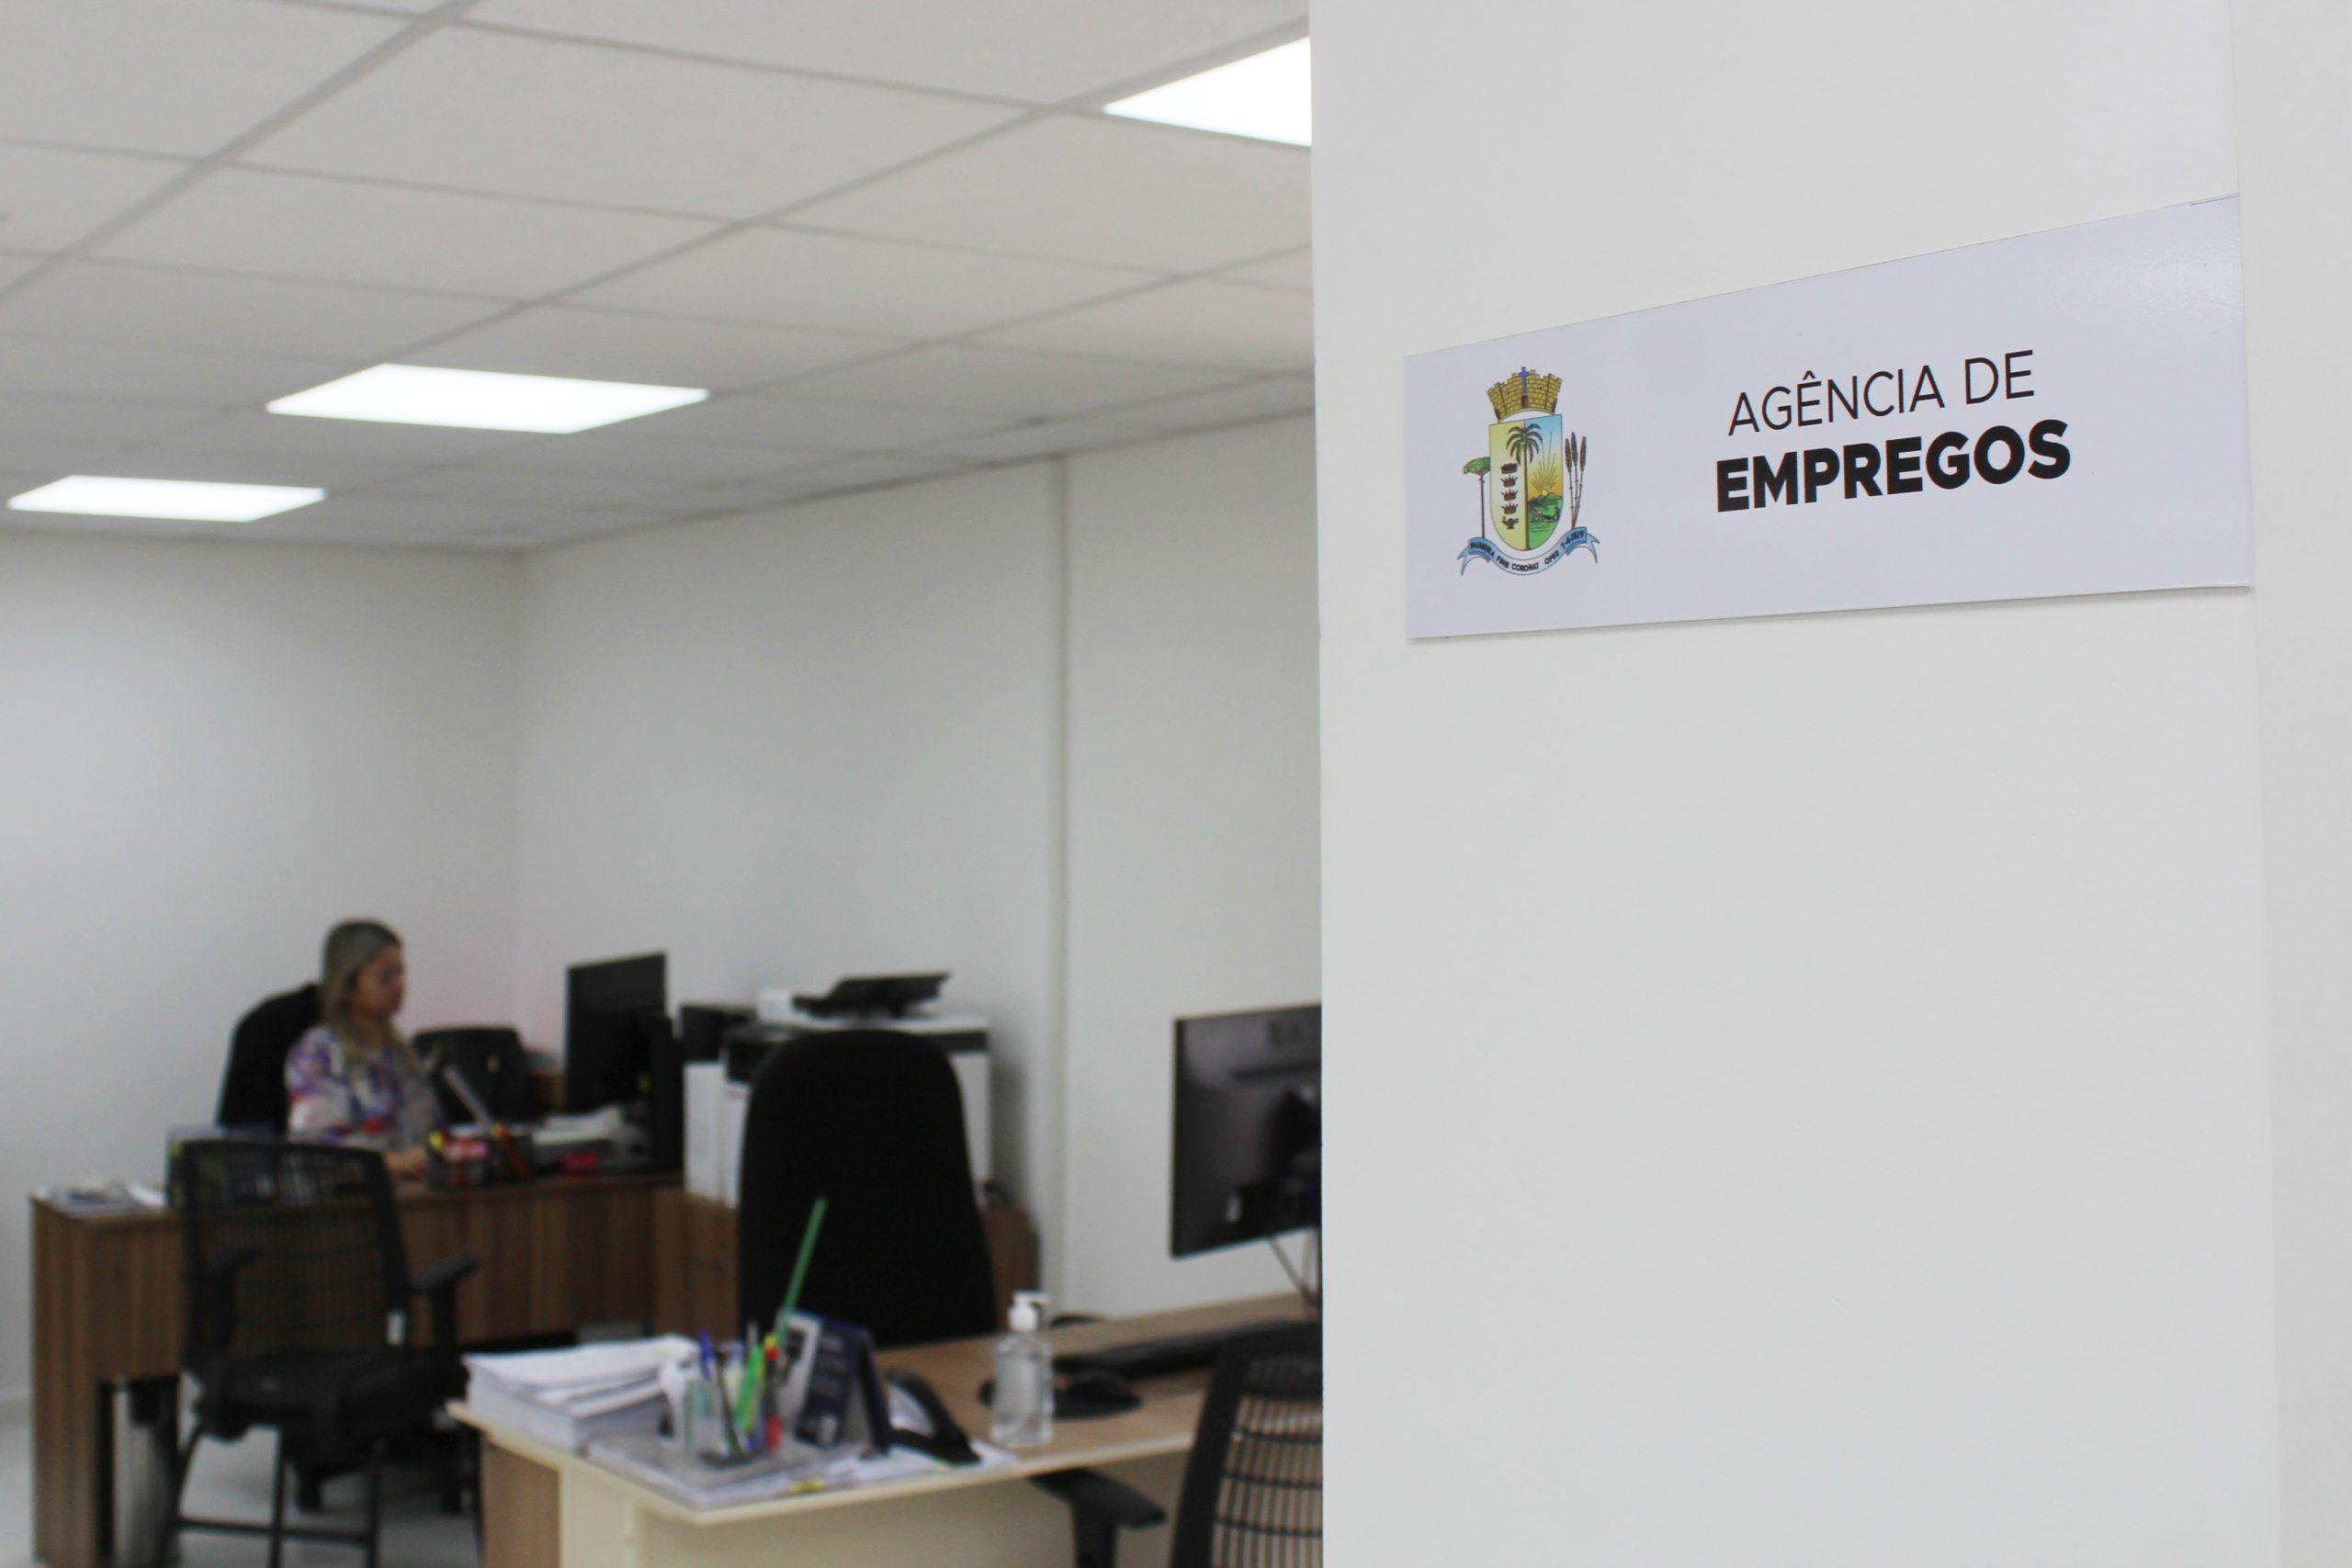 Palmeira obtém segundo melhor desempenho da região em intermediação de mão de obra